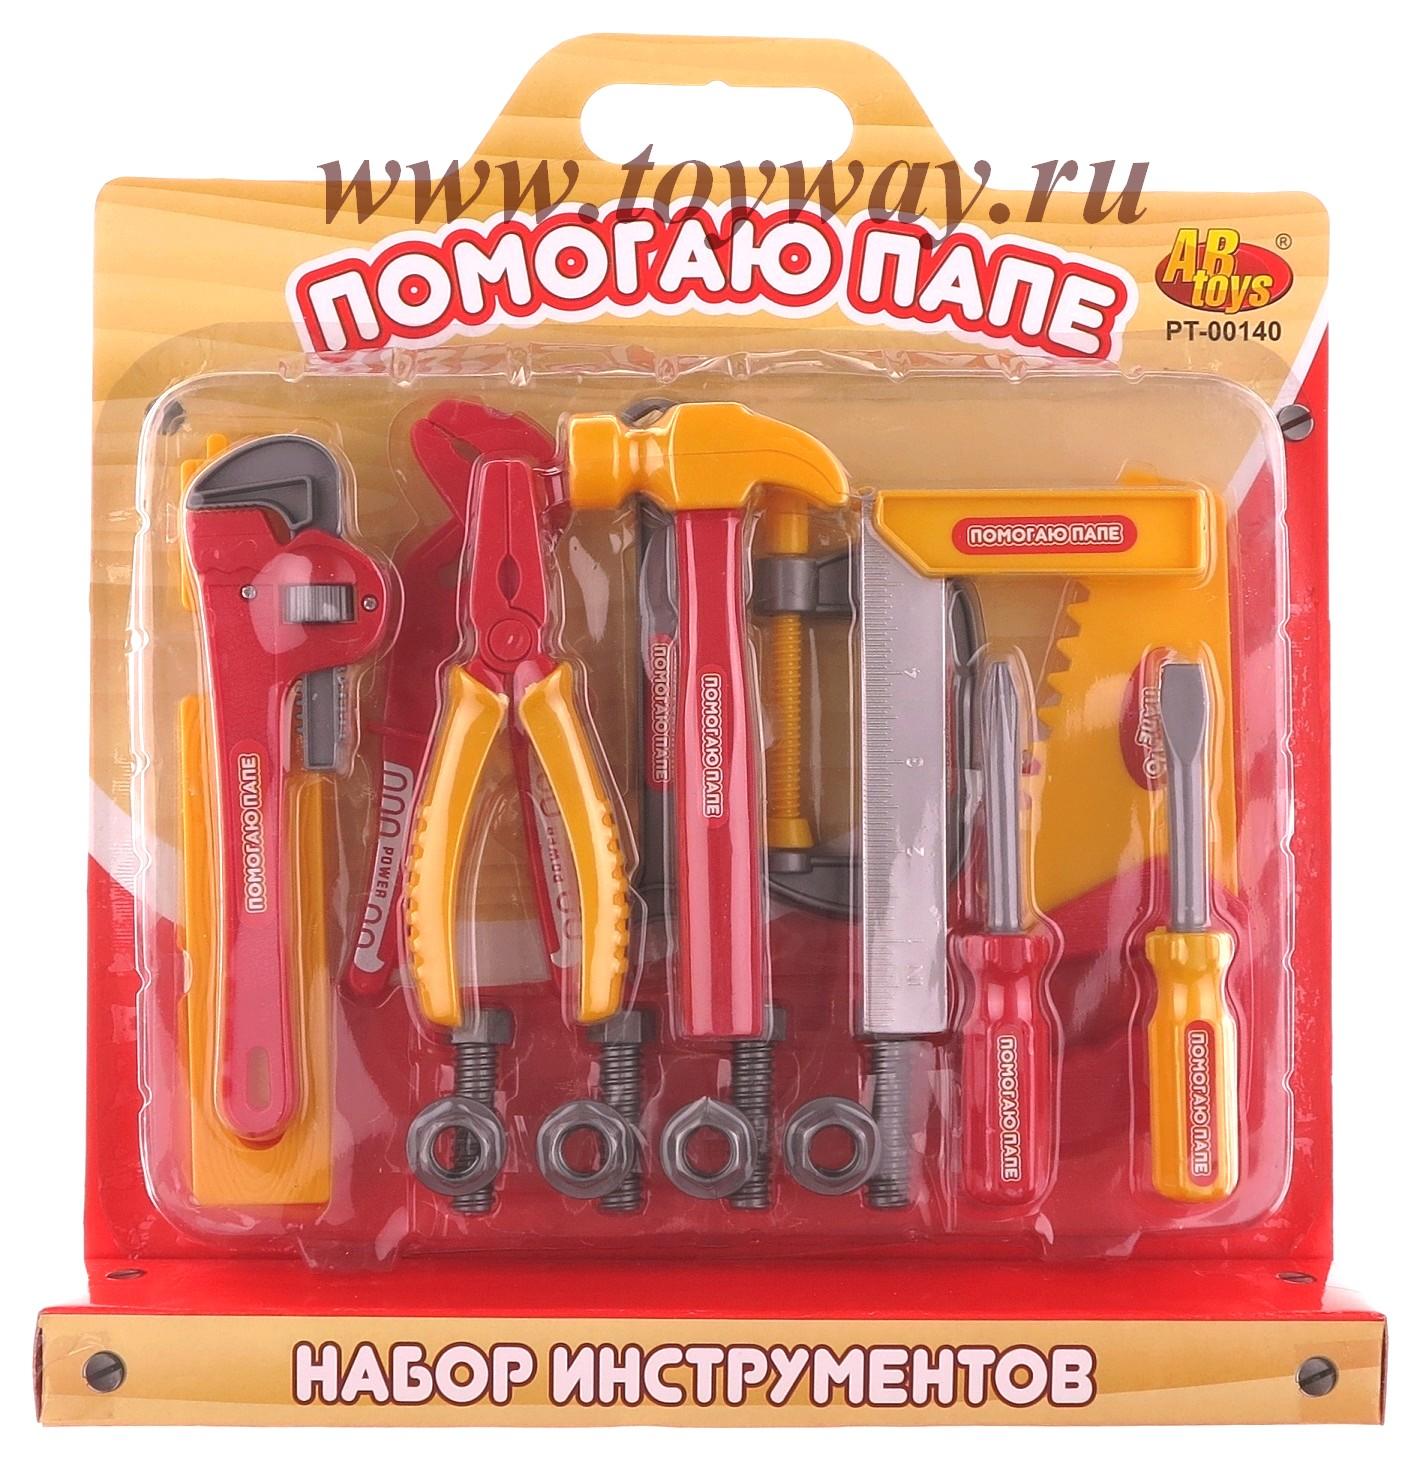 Игровой набор инструментов, 20 предметовДетские мастерские, инструменты<br>Игровой набор инструментов, 20 предметов<br>